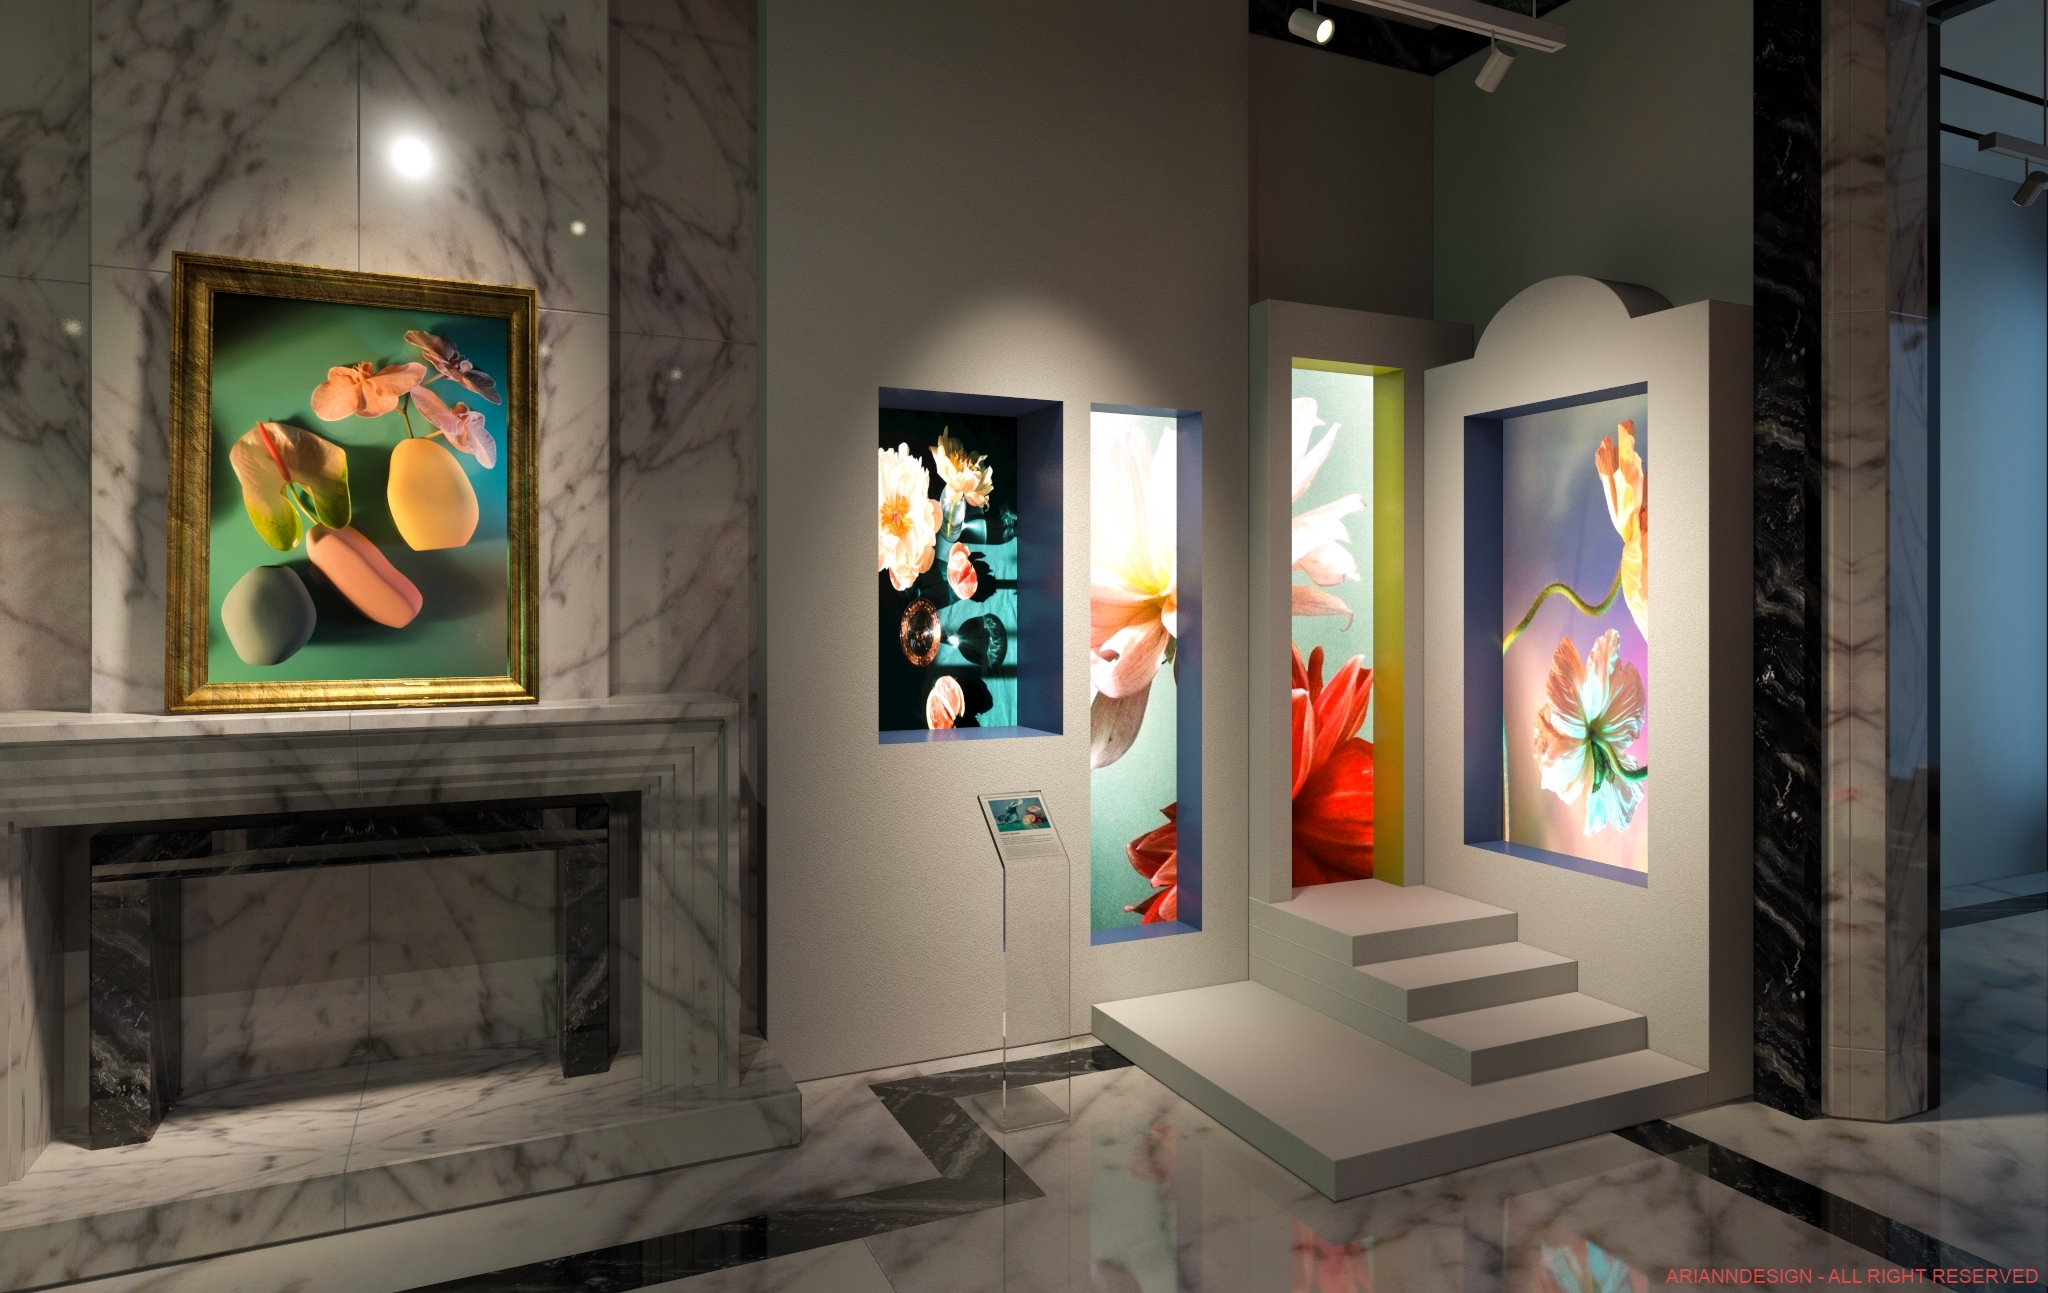 Expo d'arte in appartamento privato